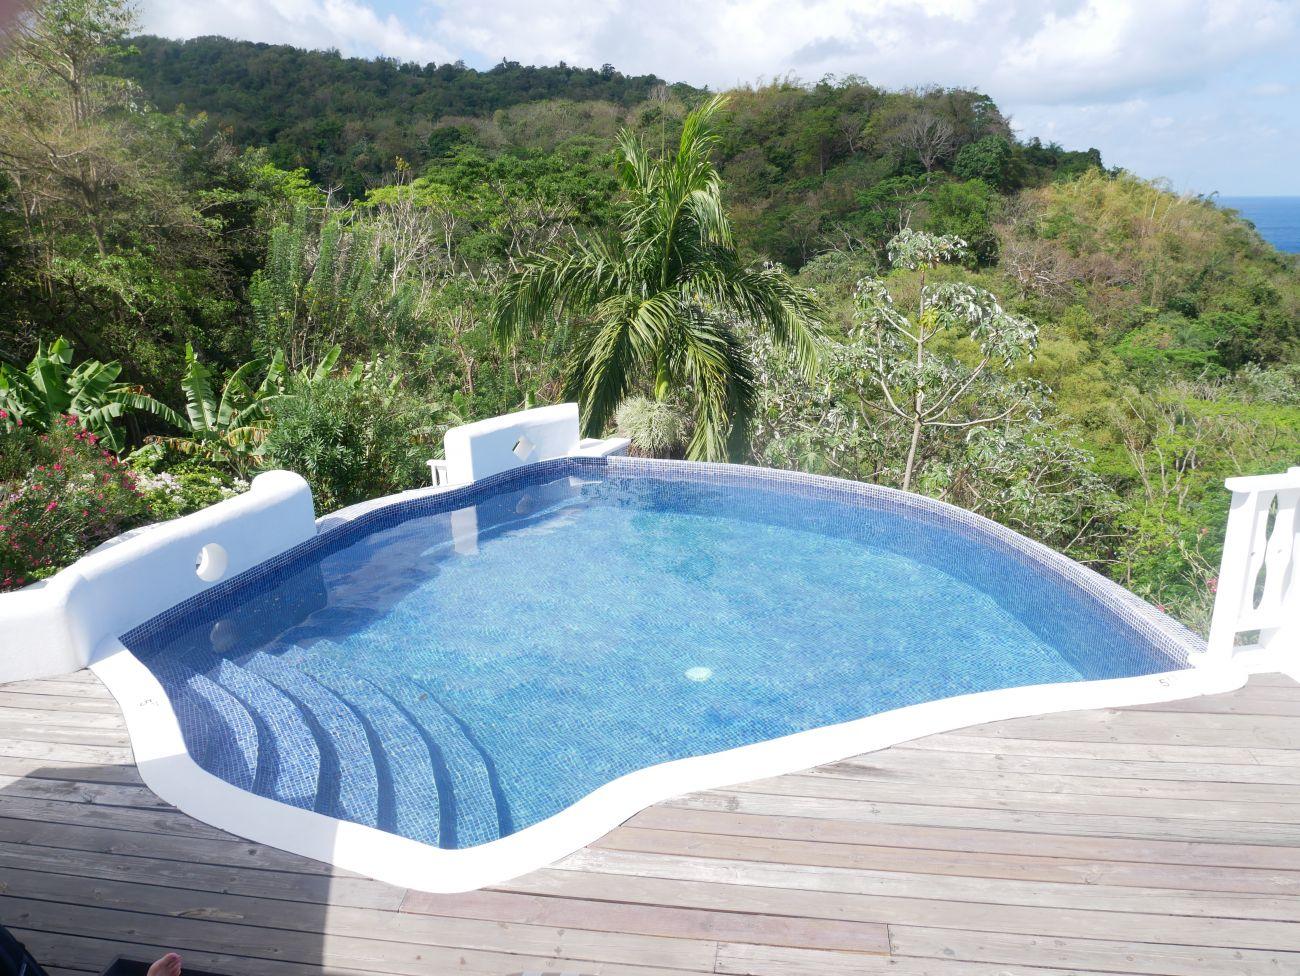 Mount Edgecombe's infinity pool